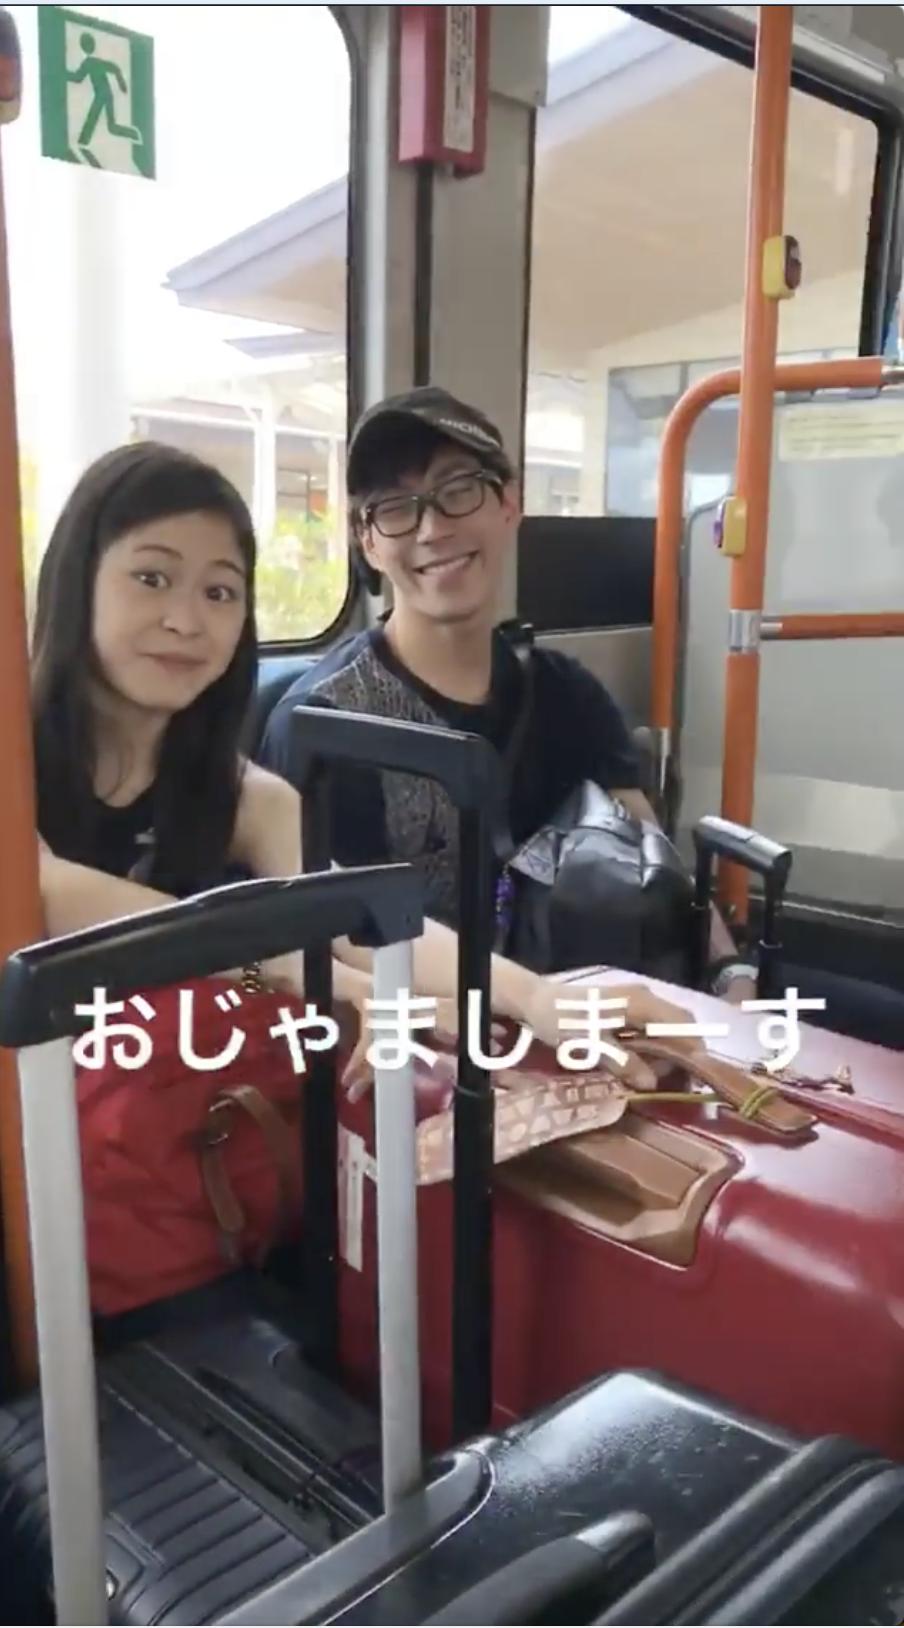 横井ゆは菜選手もシニア合宿に参加!インスタのストーリーに映像がアップされる!